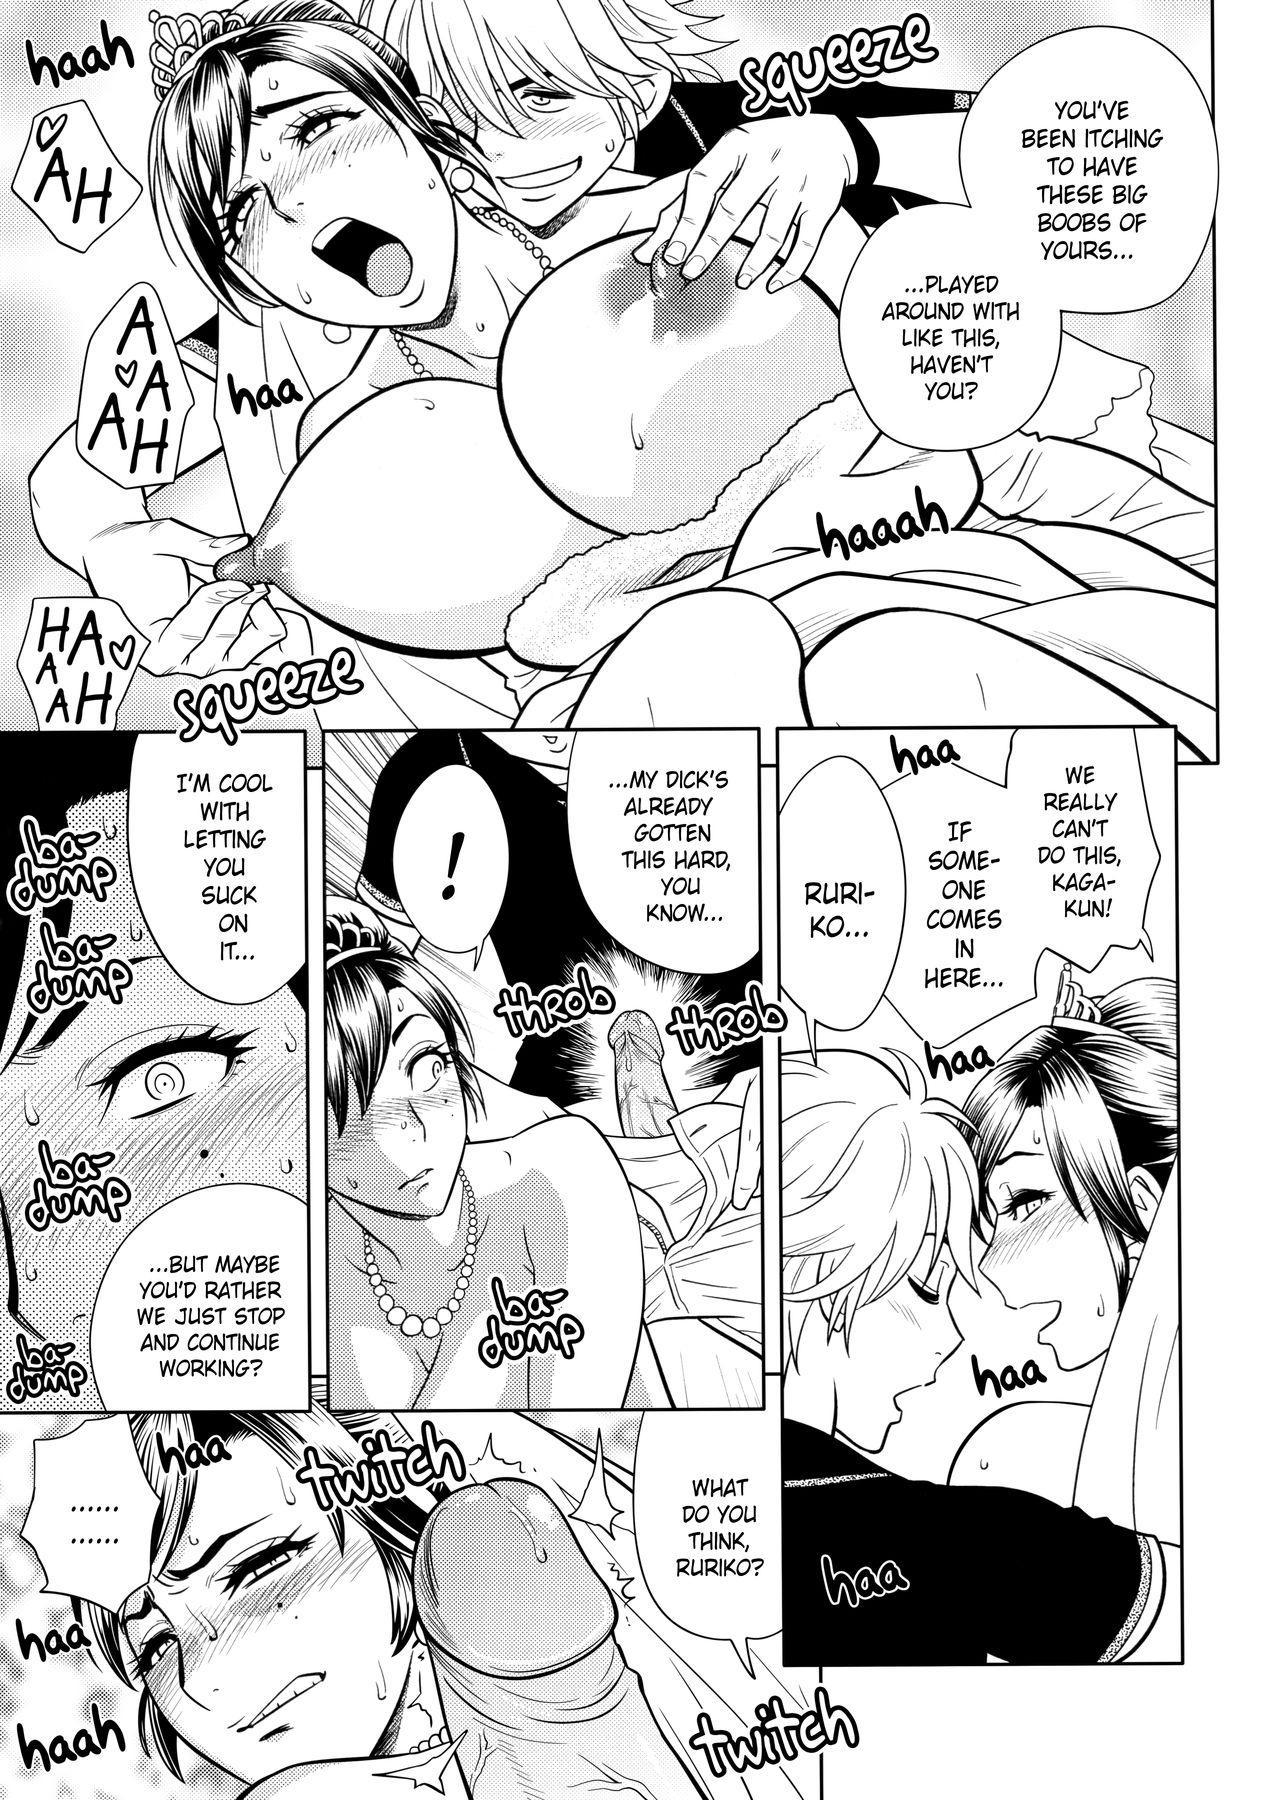 [Tatsunami Youtoku, Yamazaki Masato] Bijin Henshuu-chou no Himitsu | Beautiful Editor-in-Chief's Secret Ch. 1-5 [English] [Forbiddenfetish77, Red Vodka, Crystalium] [Decensored] 90